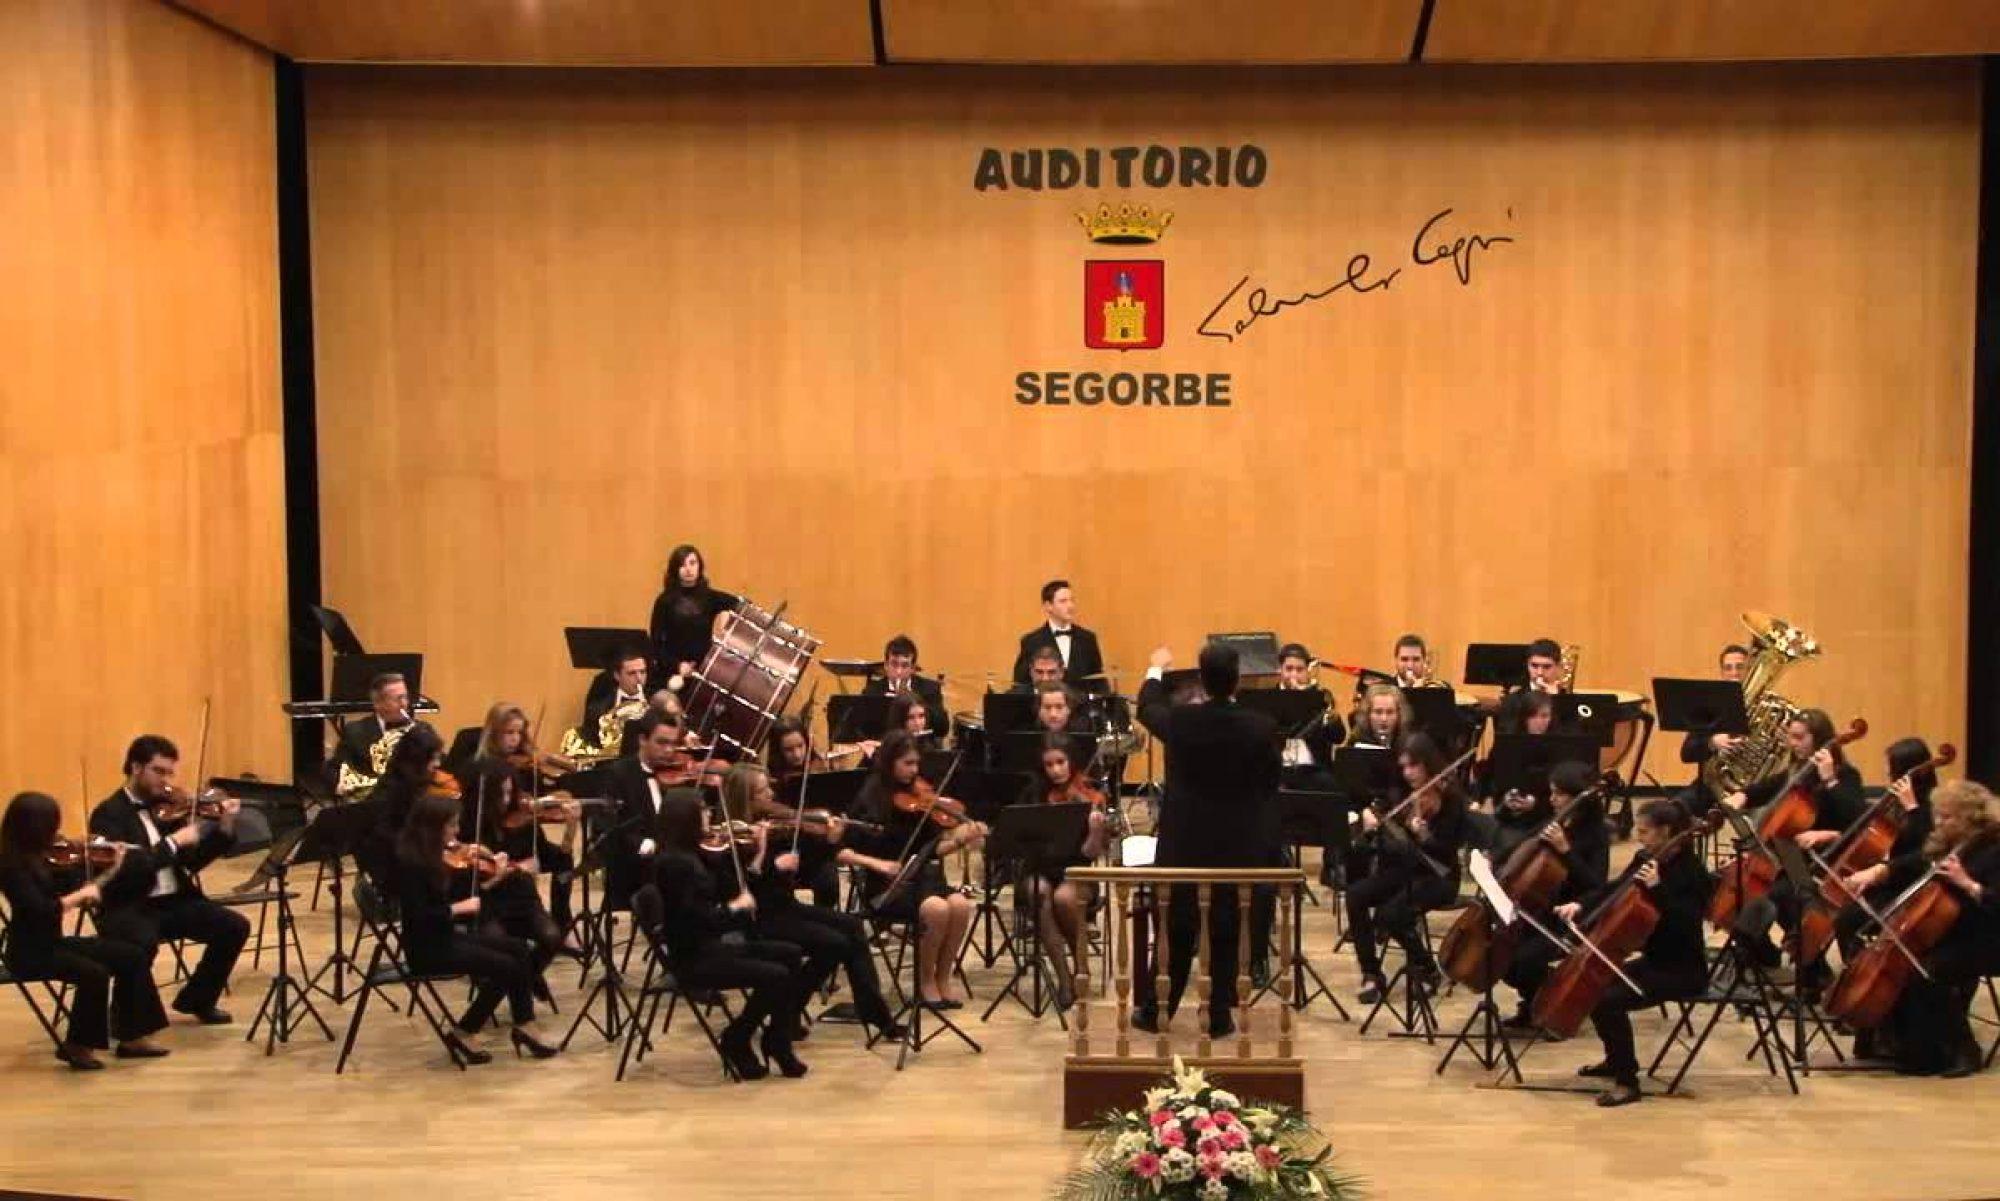 SOCIEDAD MUSICAL DE SEGORBE